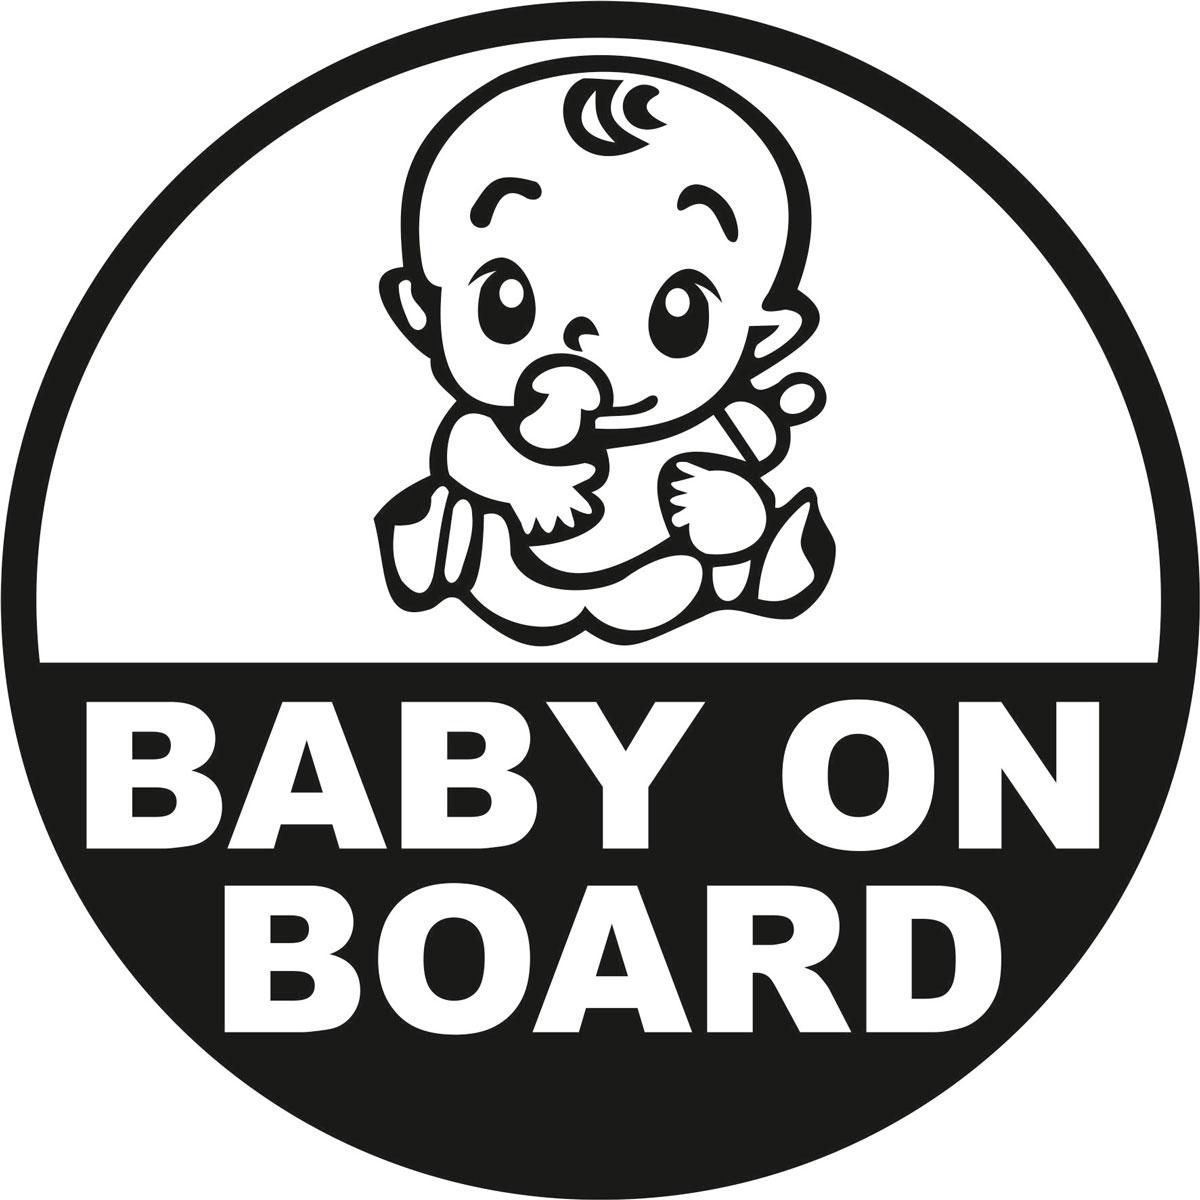 Наклейка автомобильная Оранжевый слоник Baby on Board. Круг 2, виниловая, цвет: черныйWT-CD37Оригинальная наклейка Оранжевый слоник Baby on Board. Круг 2 изготовлена из долговечного винила, который выполняет не только декоративную функцию, но и защищает кузов от небольших механических повреждений, либо скрывает уже существующие.Виниловые наклейки на авто - это не только красиво, но еще и быстро! Всего за несколько минут вы можете полностью преобразить свой автомобиль, сделать его ярким, необычным, особенным и неповторимым!